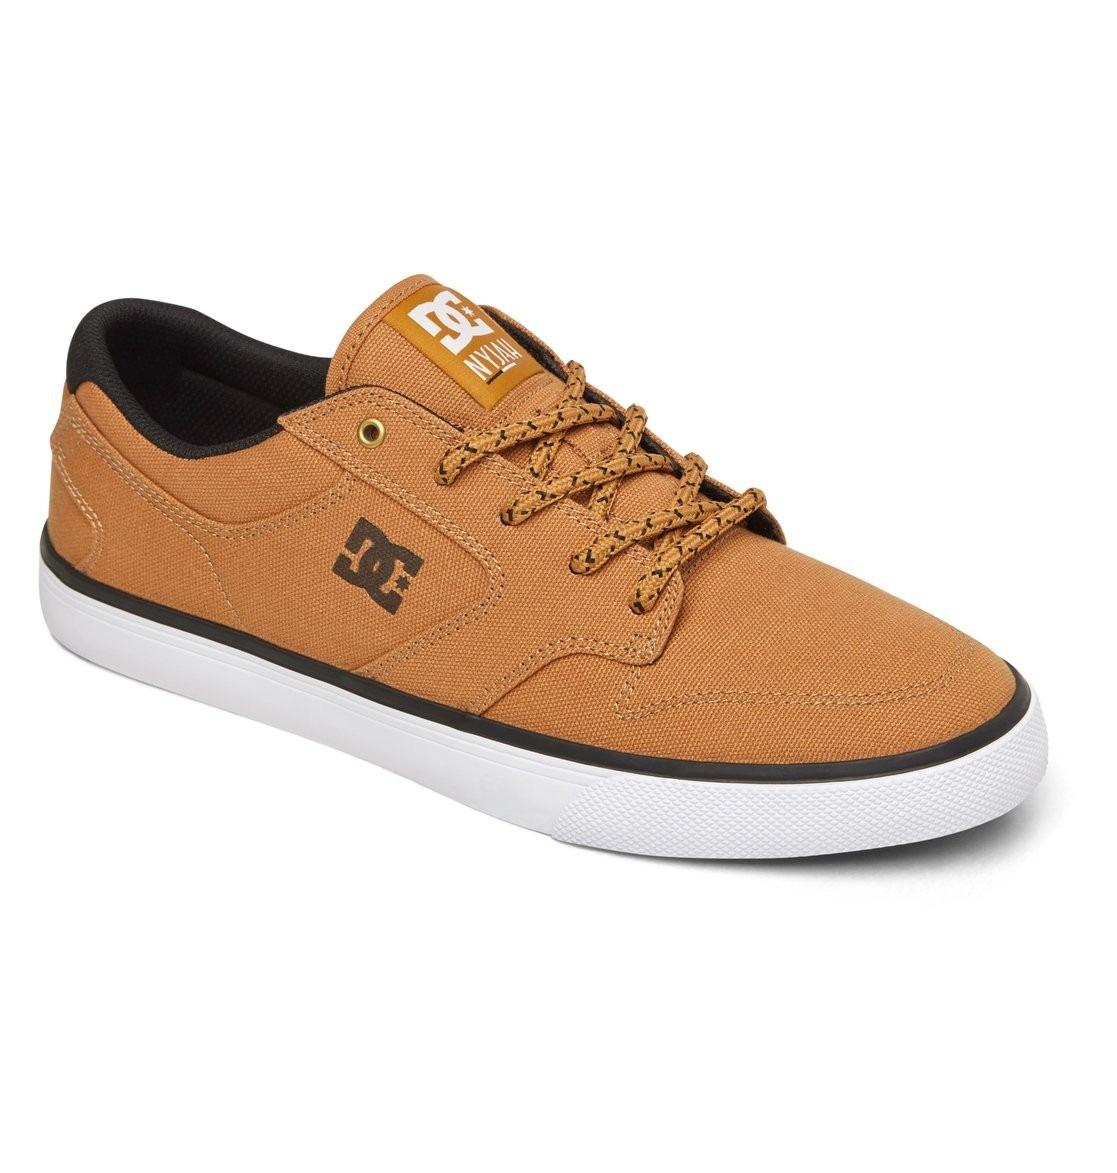 8e3f2caaf1 tênis dc shoes nyjah huston vulc - novo lançamento original. Carregando zoom .